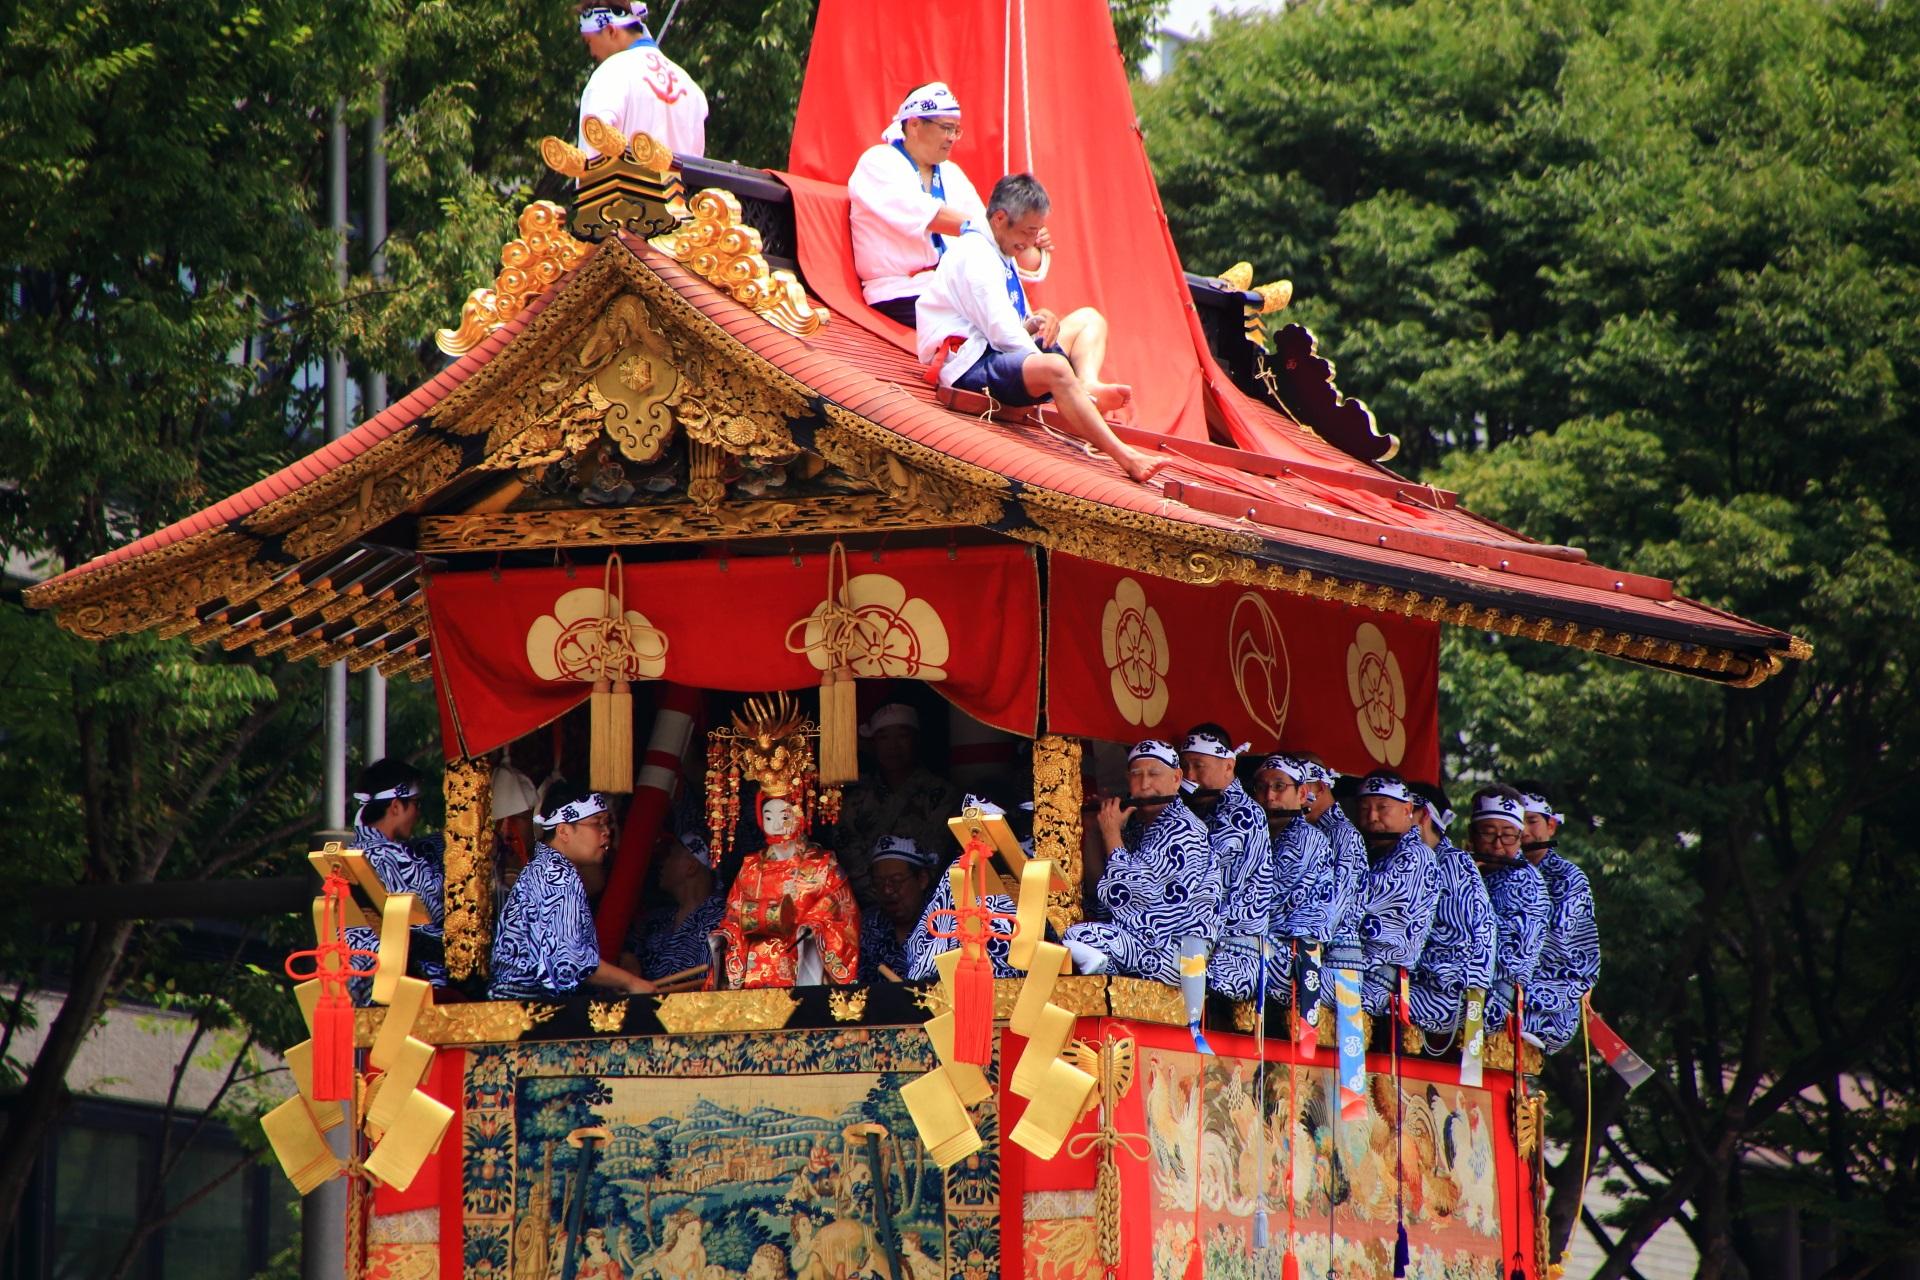 函谷鉾の煌びやかな装飾と「嘉多丸(かたまる)」と名付けられた稚児人形